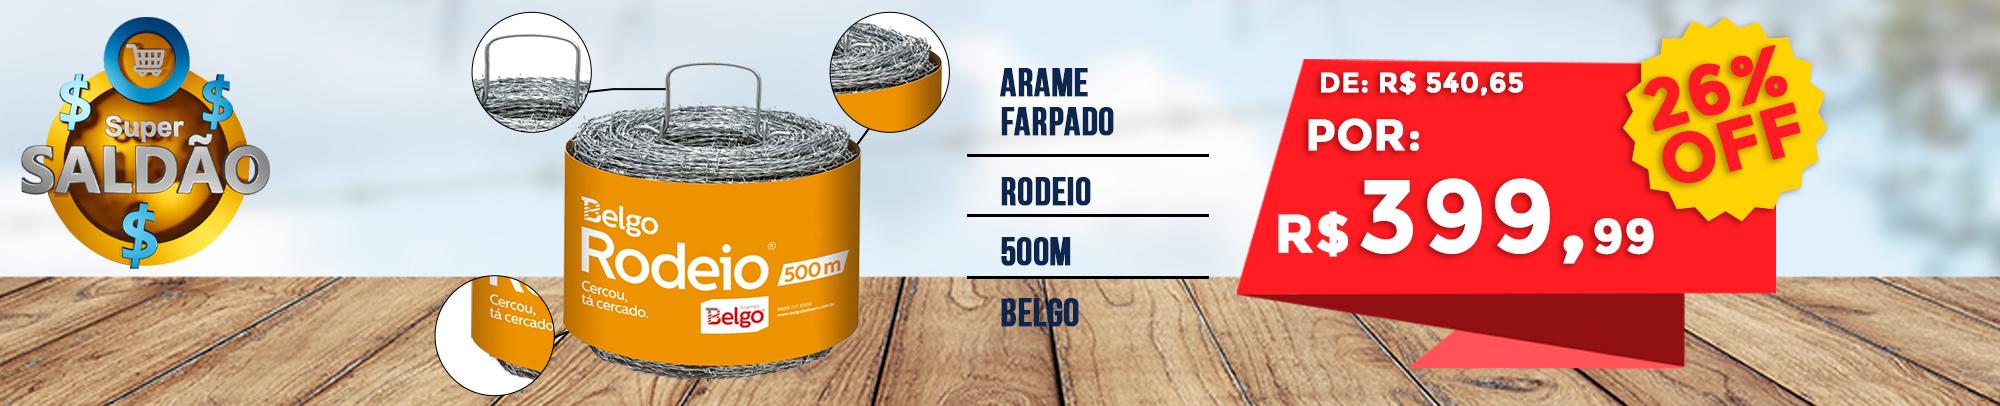 Arame Farpado Belgo